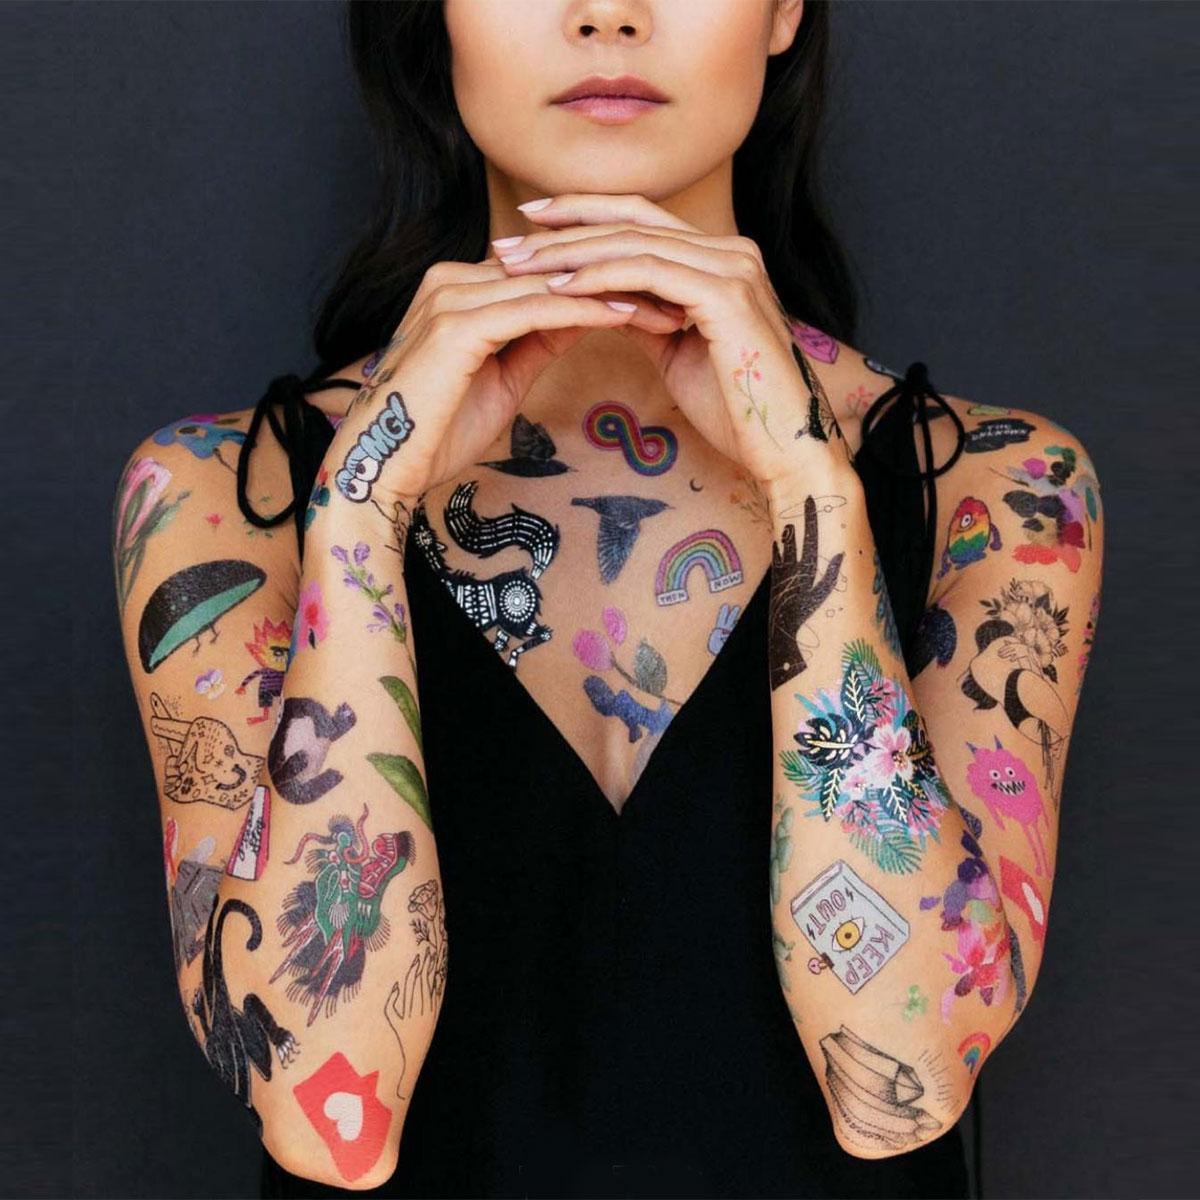 Temporäre Tattoos in verschiedenen Variationen Blumig